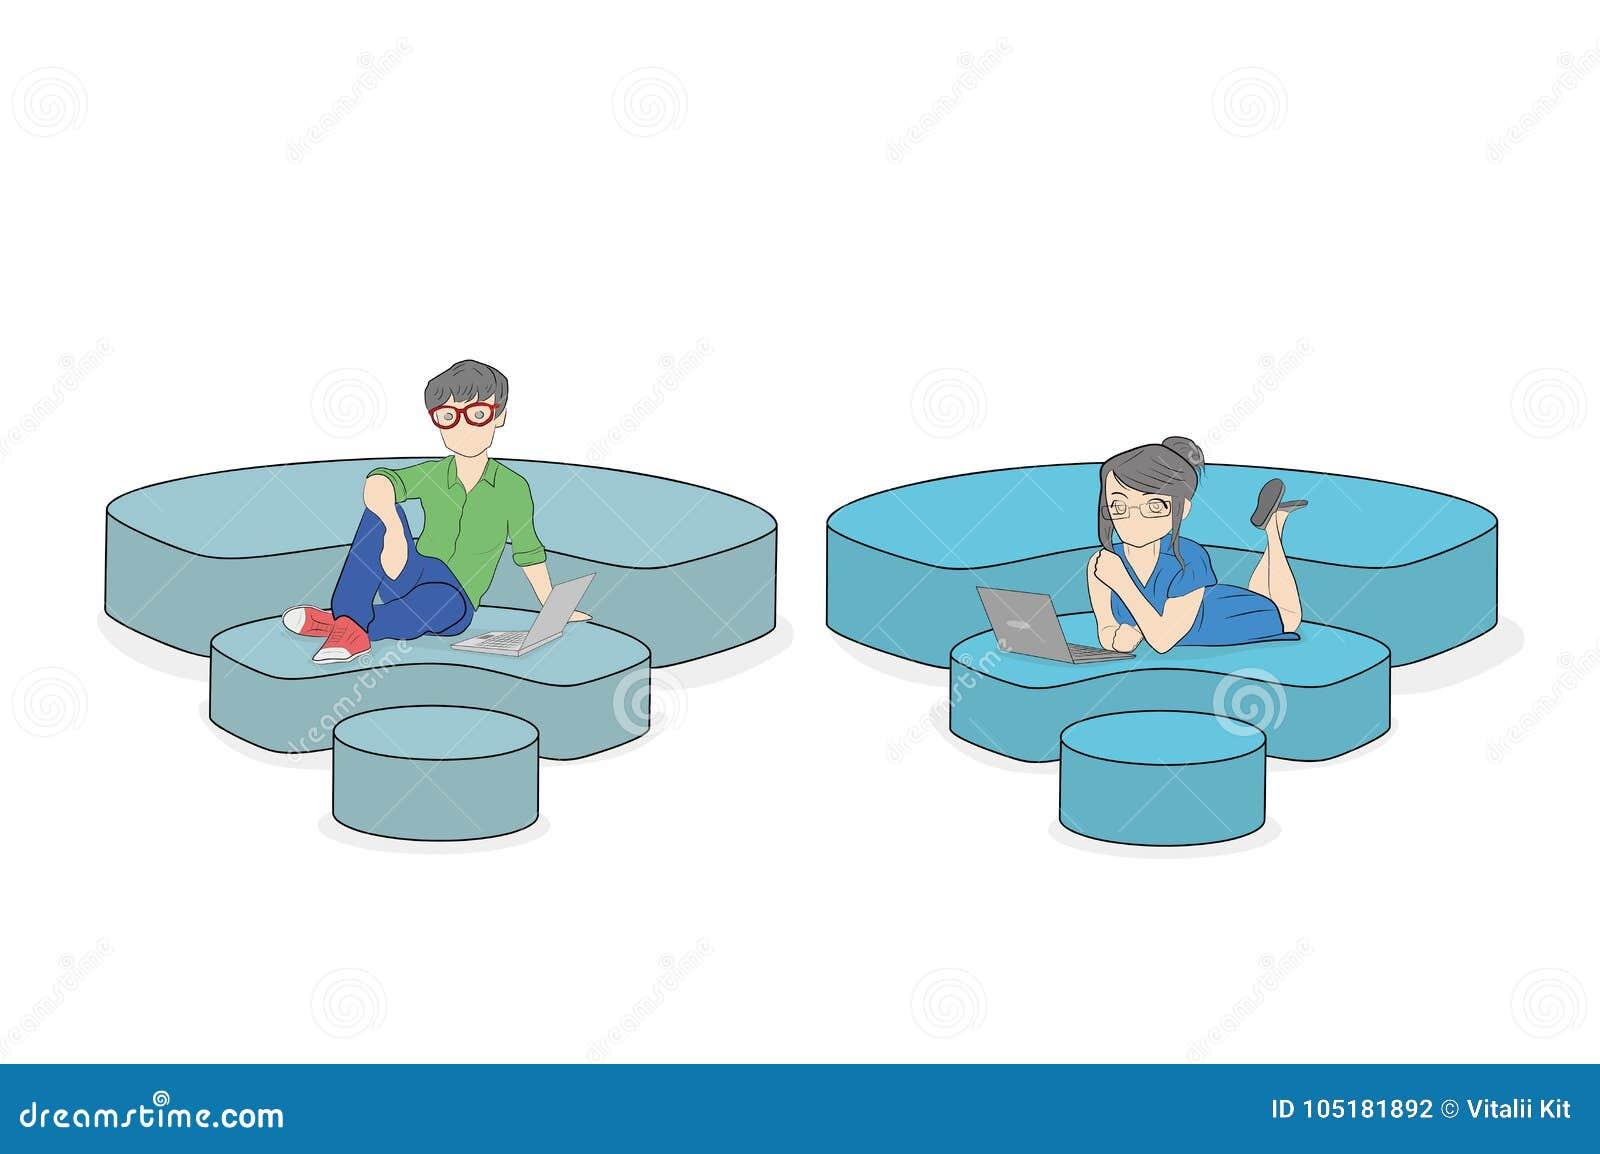 Ludzie siedzą na ikonach Fi, komunikuje z pomocą interneta pojęcie komunikacja w sieci Ve